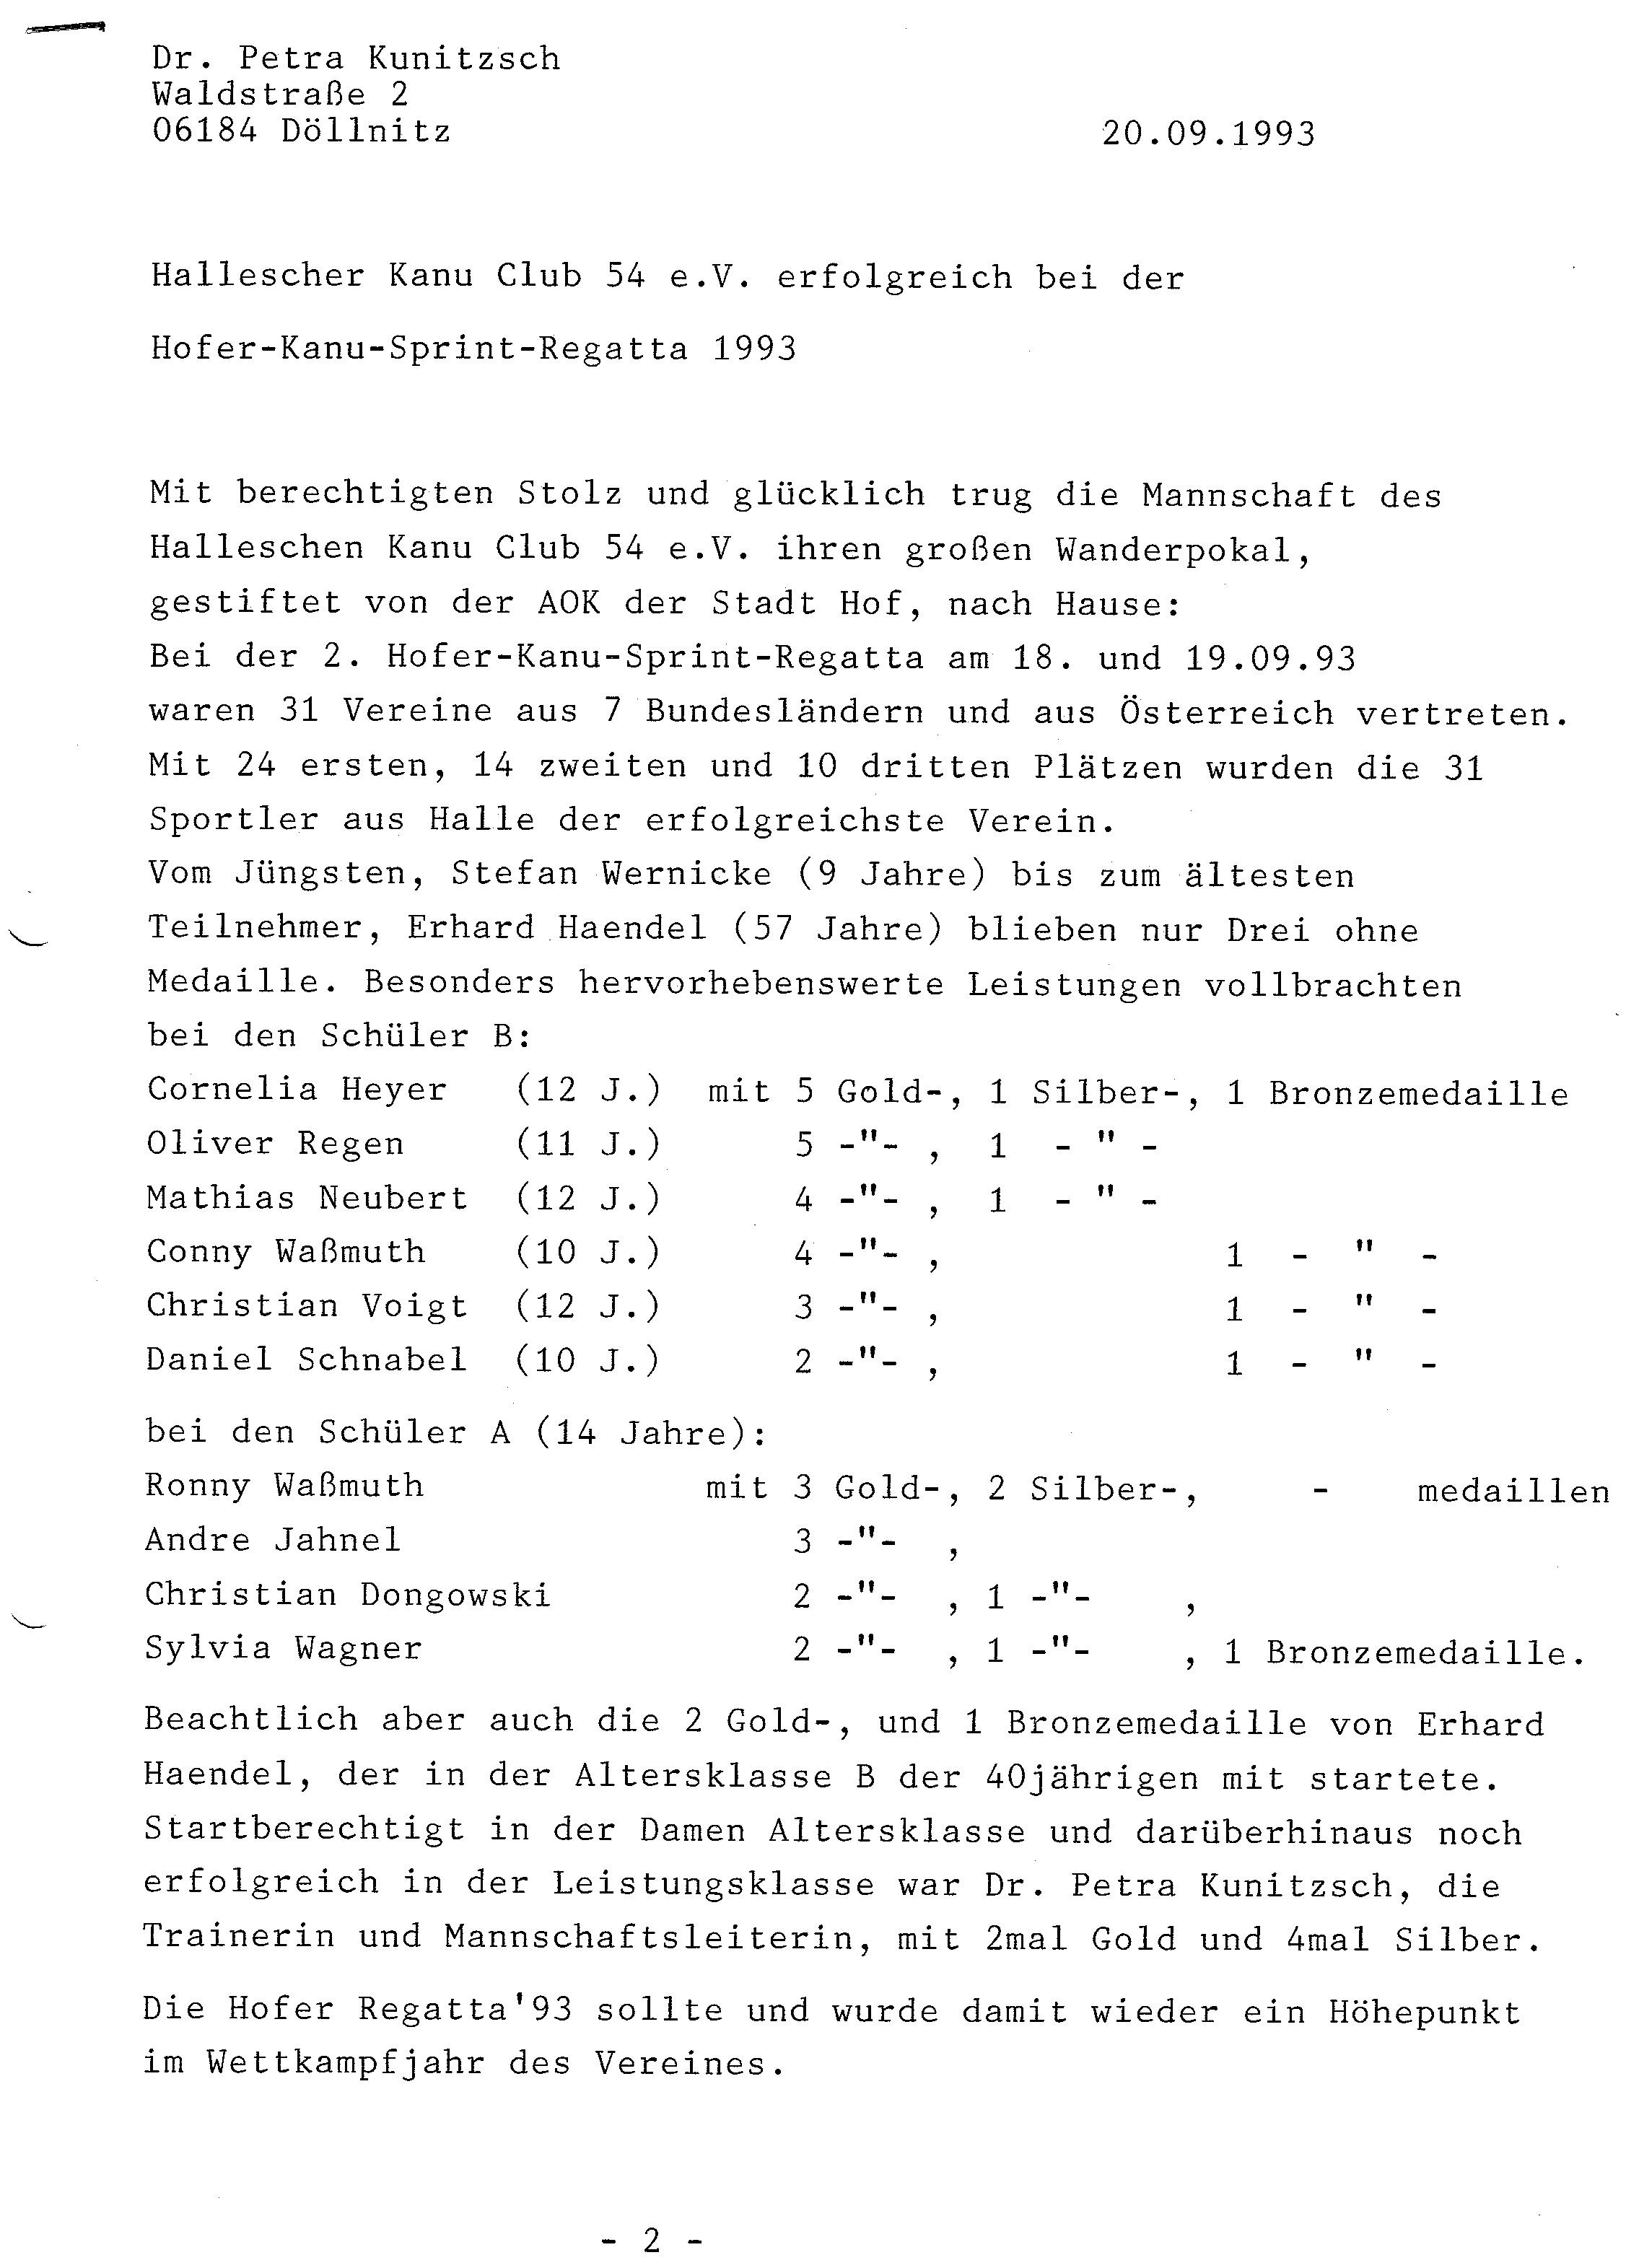 1993-09-20 Hofer Sprintregatta Ergebnisse